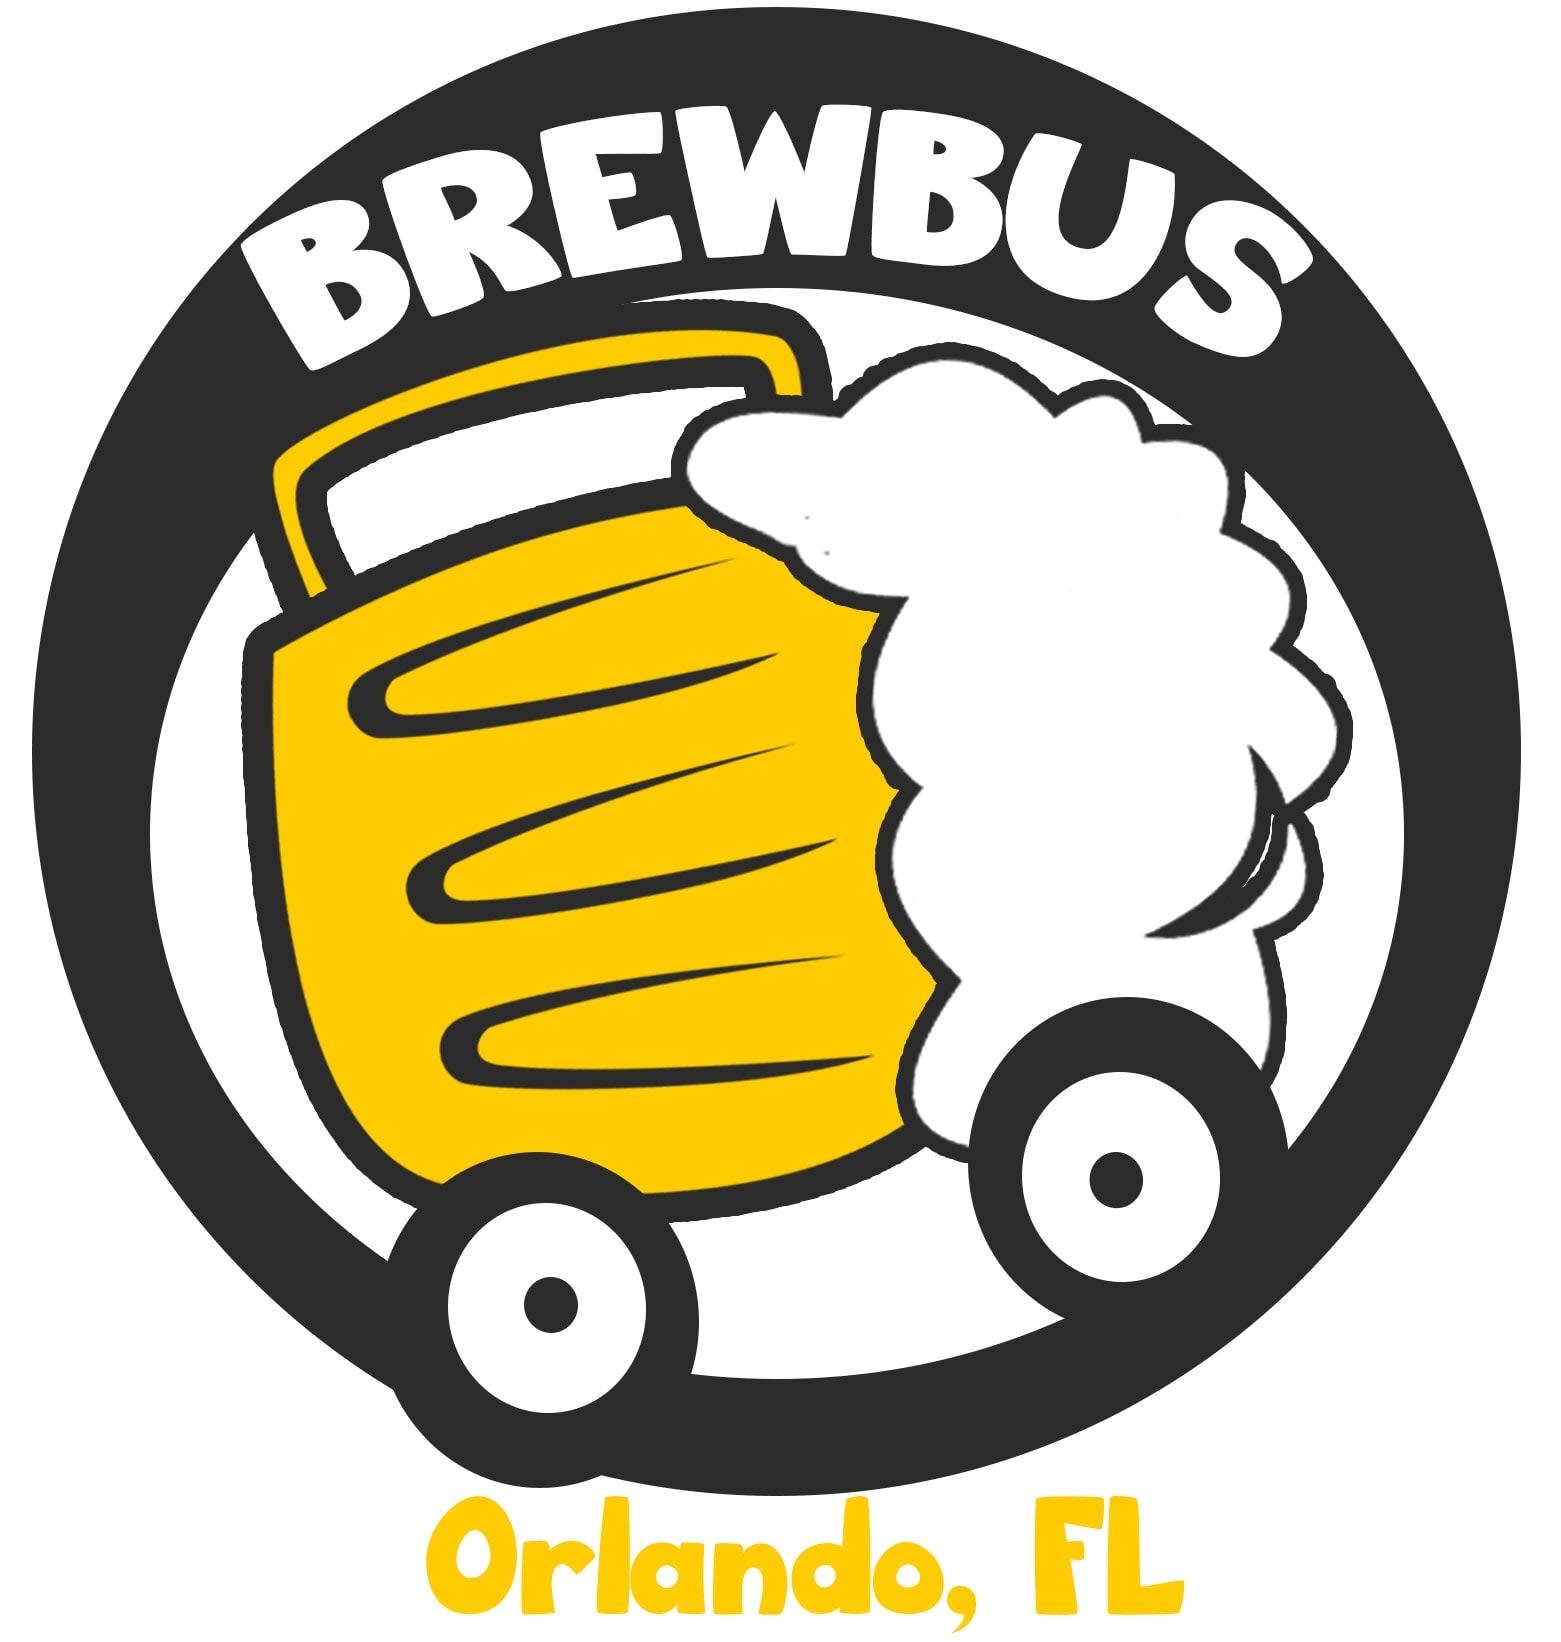 Brew Bus Orlando